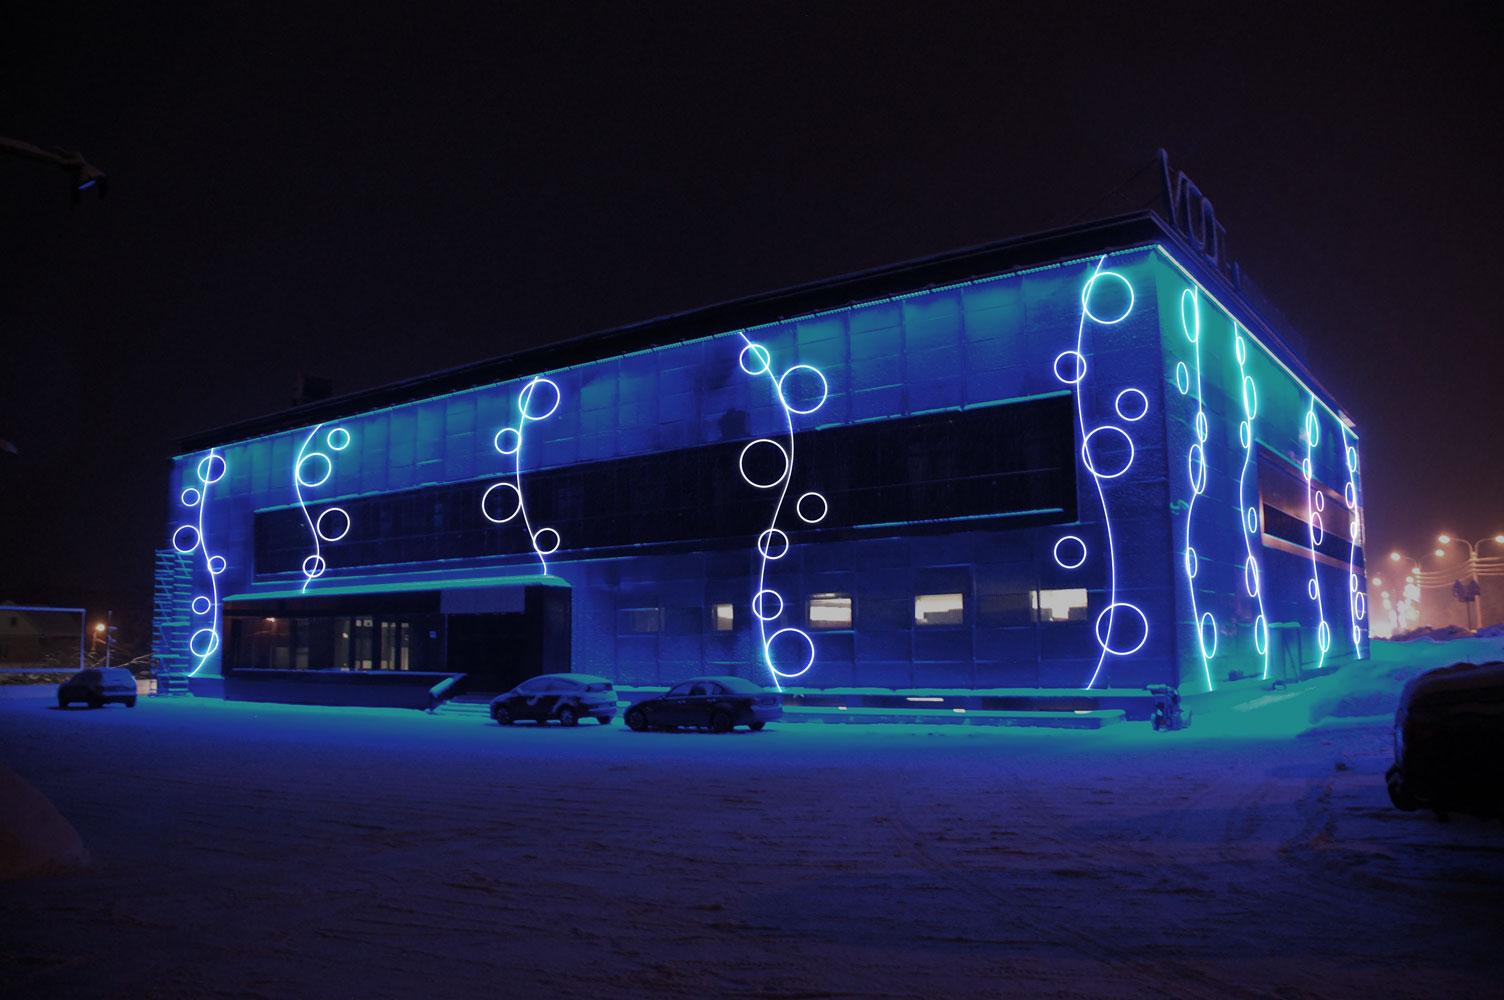 Праздничное оформление фасадов зданий posting